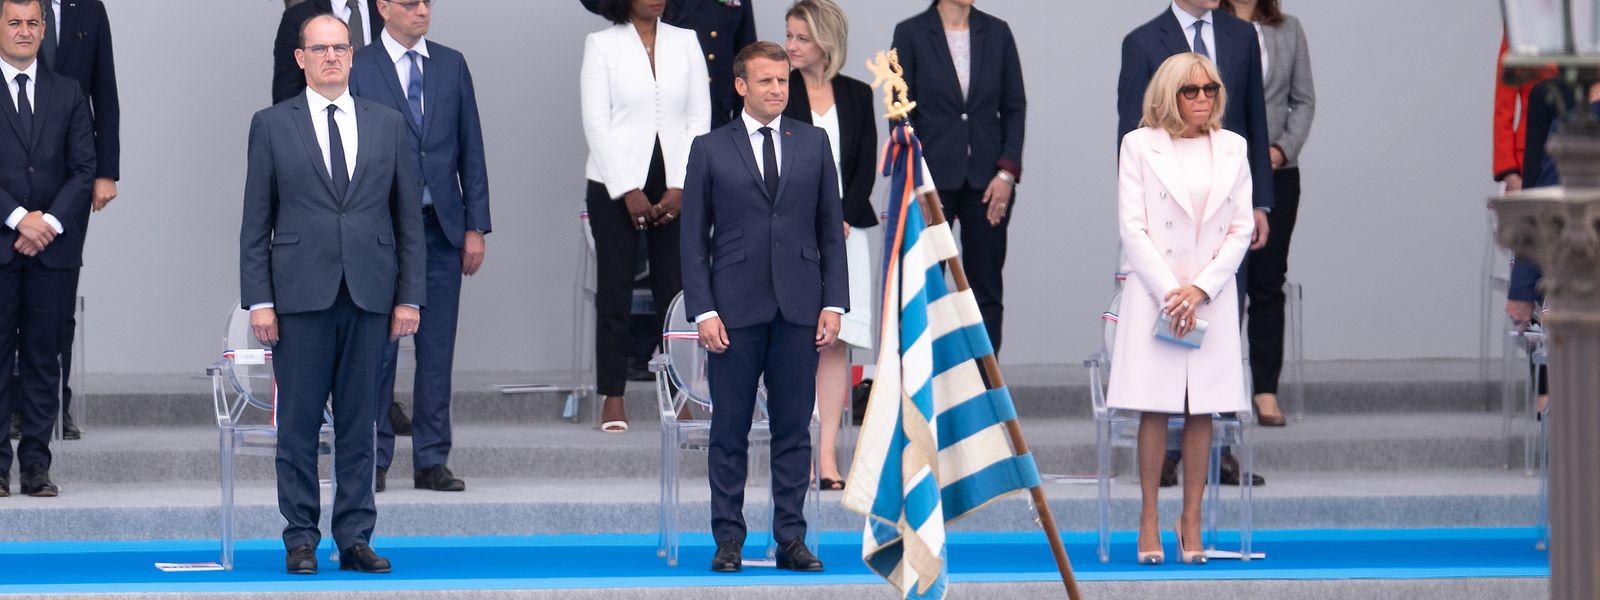 Das Ehepaar Macron in dem Moment, als die luxemburgische Fahne vorbeigetragen wird: Vier Armeevertreter aus Luxemburg führten die Parade an.